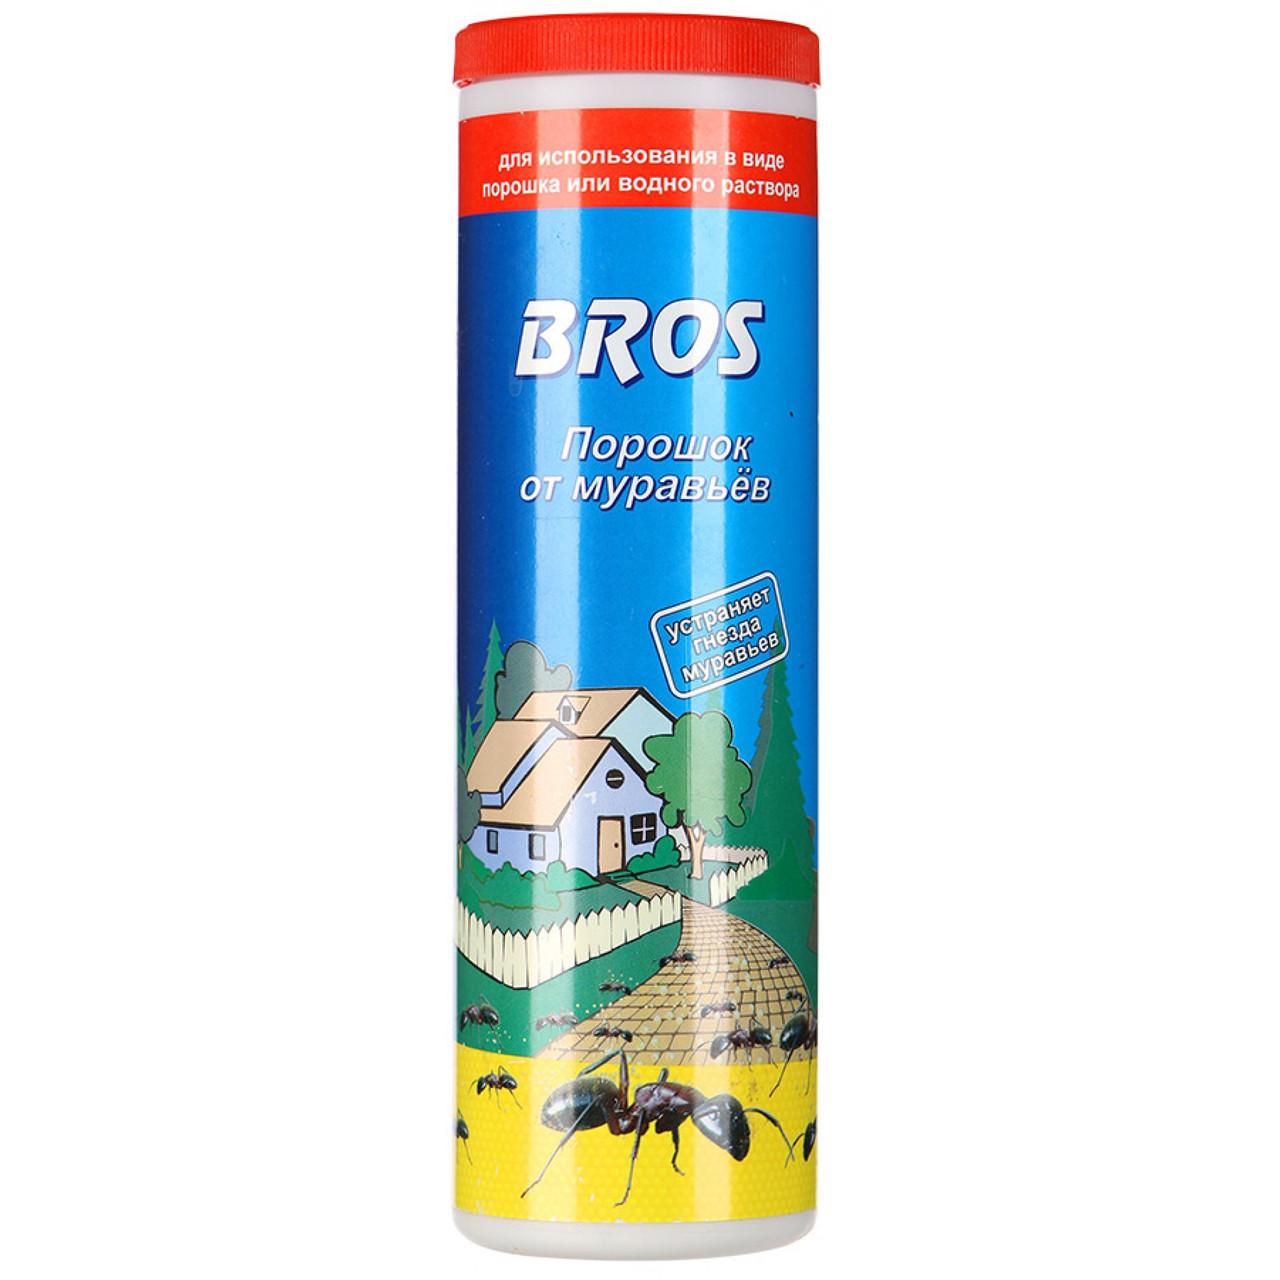 От муравьёв - Bros Брос  250г.